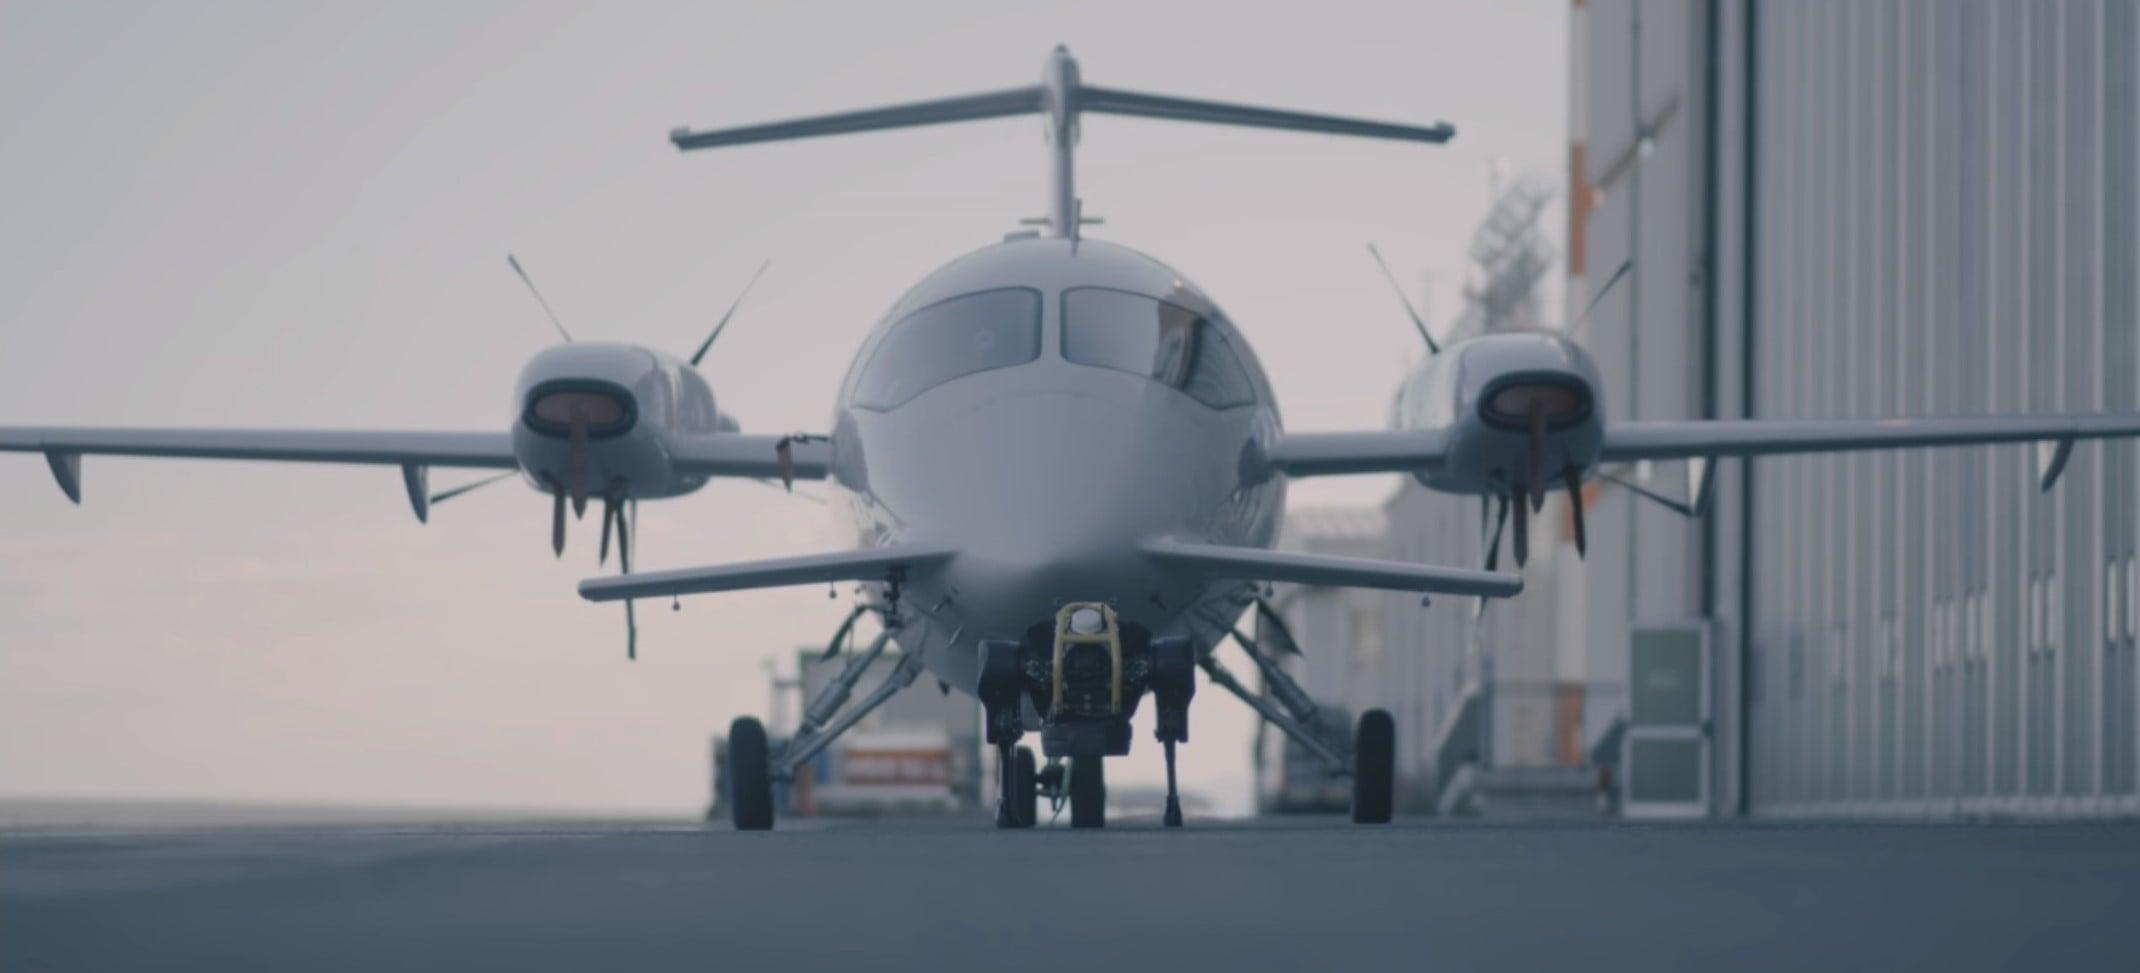 Zakłócenia w kokpicie pilotów z powodu niewyłączonego telefonu na pokładzie samolotu? Zdarza się 17